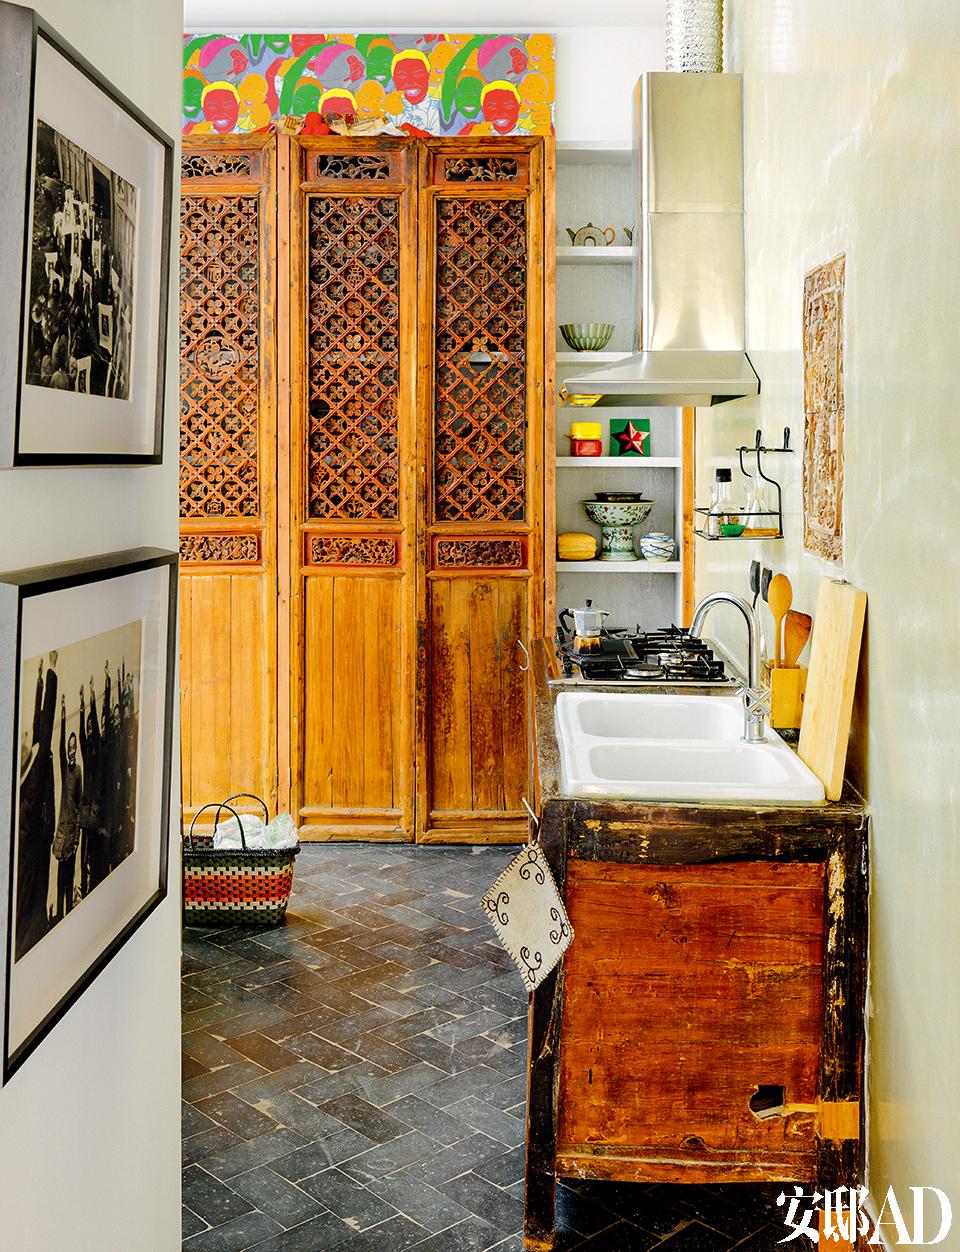 厨房在一层,虽然不大,但精致而带有艺术气息。橱柜是从谷物橱柜改造而来的,是从北京的古玩店里淘的。雕花柜门也是从古玩市 场里买的。储物柜上的彩色画作是2008年奥运会期间购买的,以前挂在旧公寓的客厅,现在挪到了厨房。